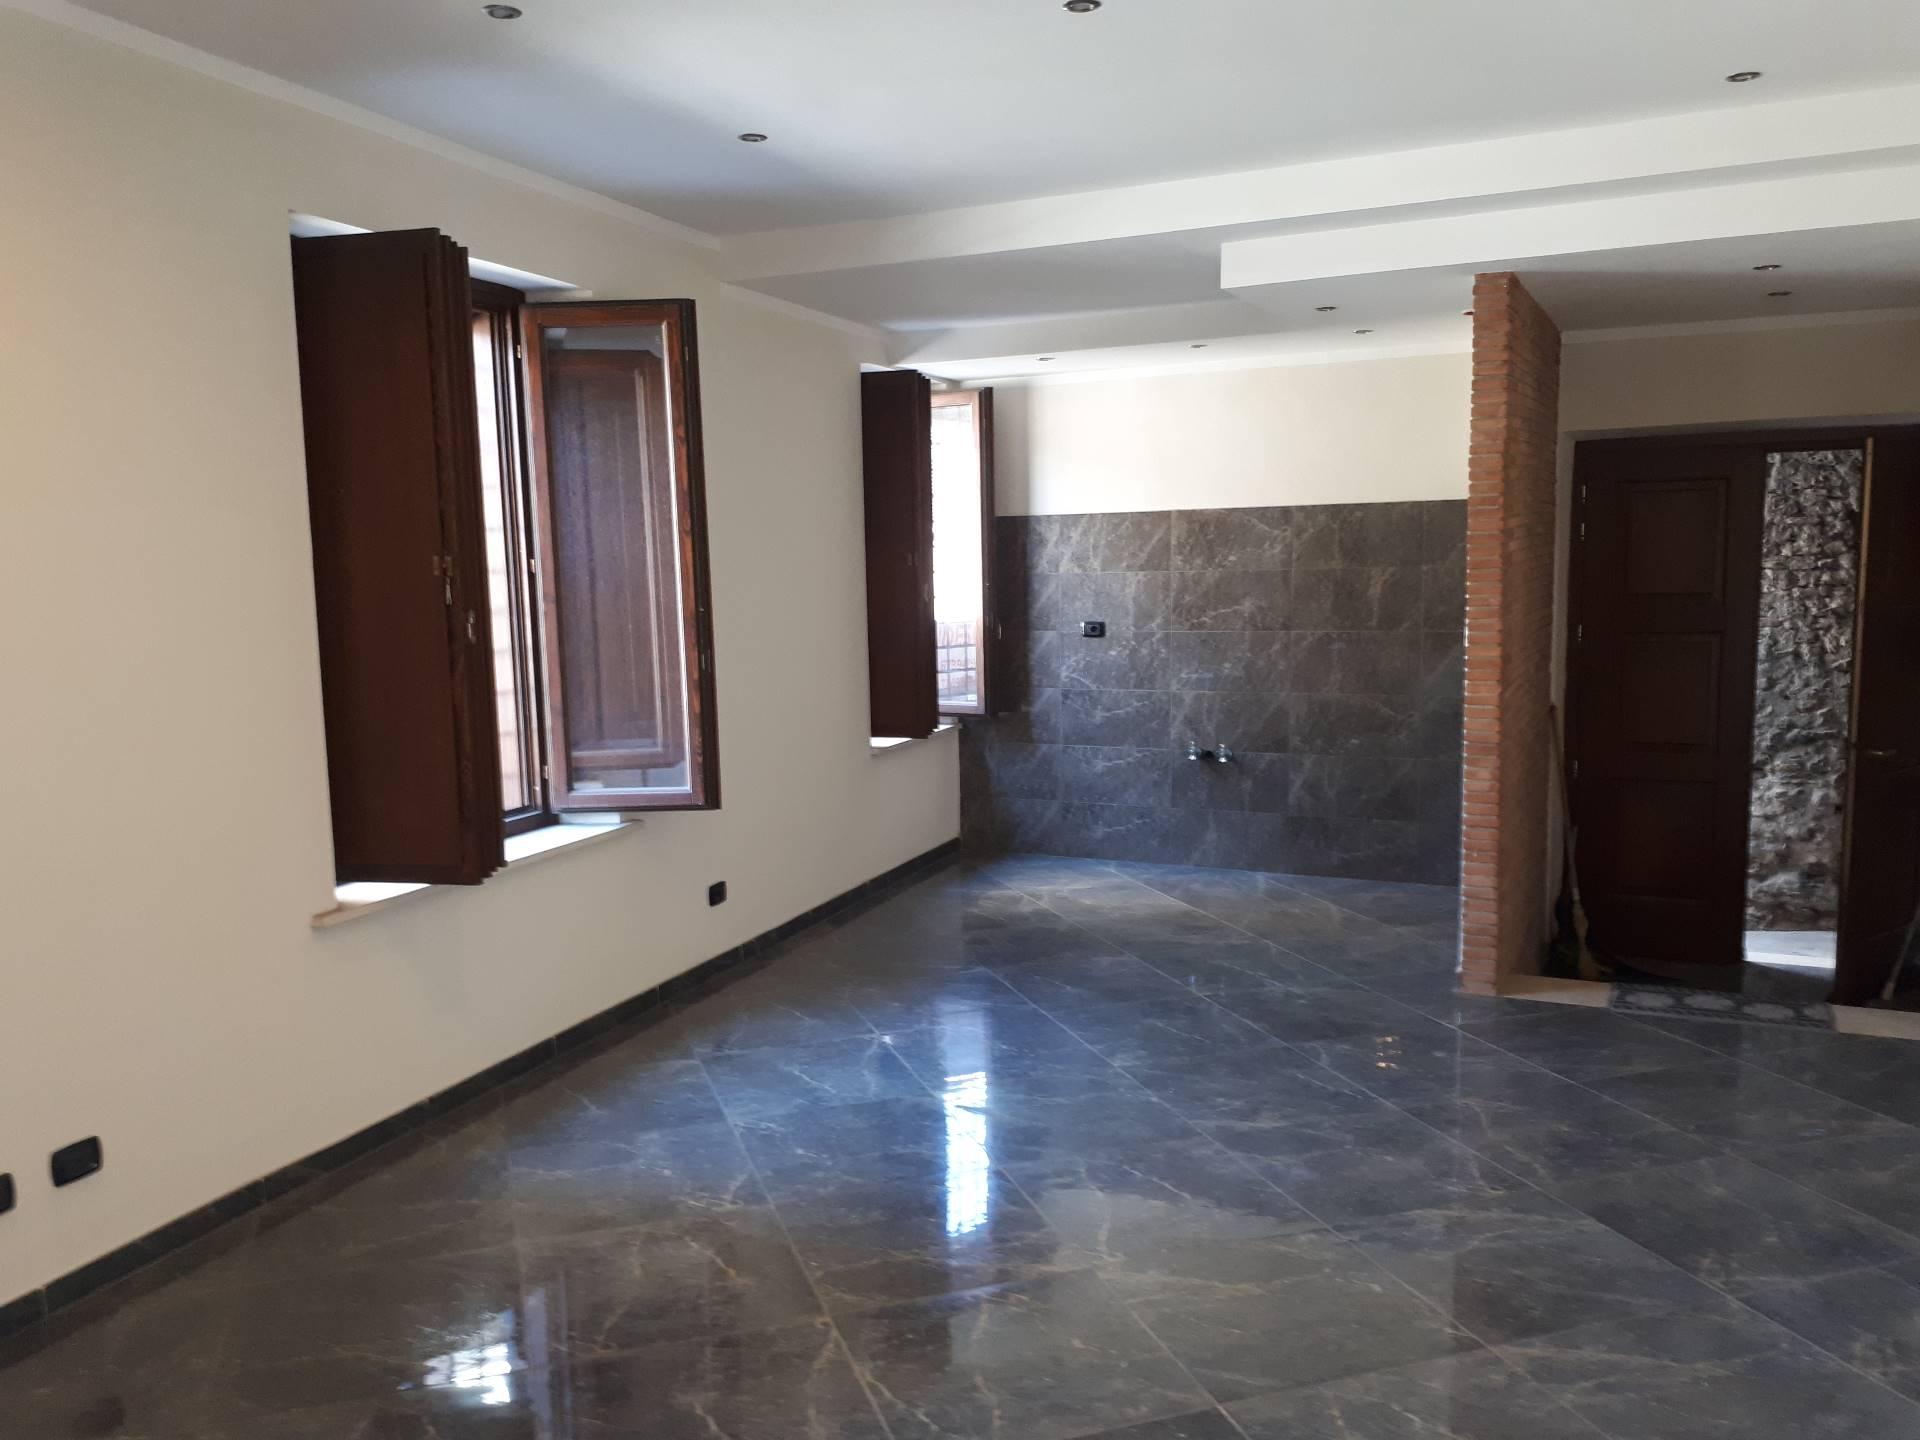 Appartamento in vendita a Tivoli, 4 locali, zona Località: Tivolicittà, prezzo € 200.000 | Cambio Casa.it